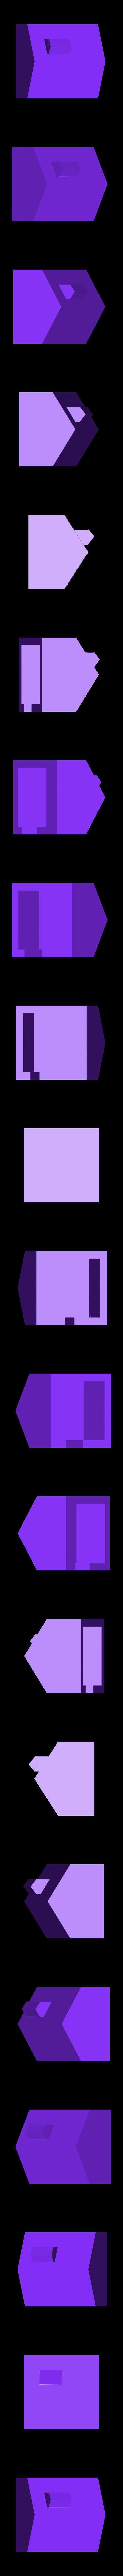 house-medium2.stl Télécharger fichier STL gratuit Mini maisons • Design à imprimer en 3D, facuu